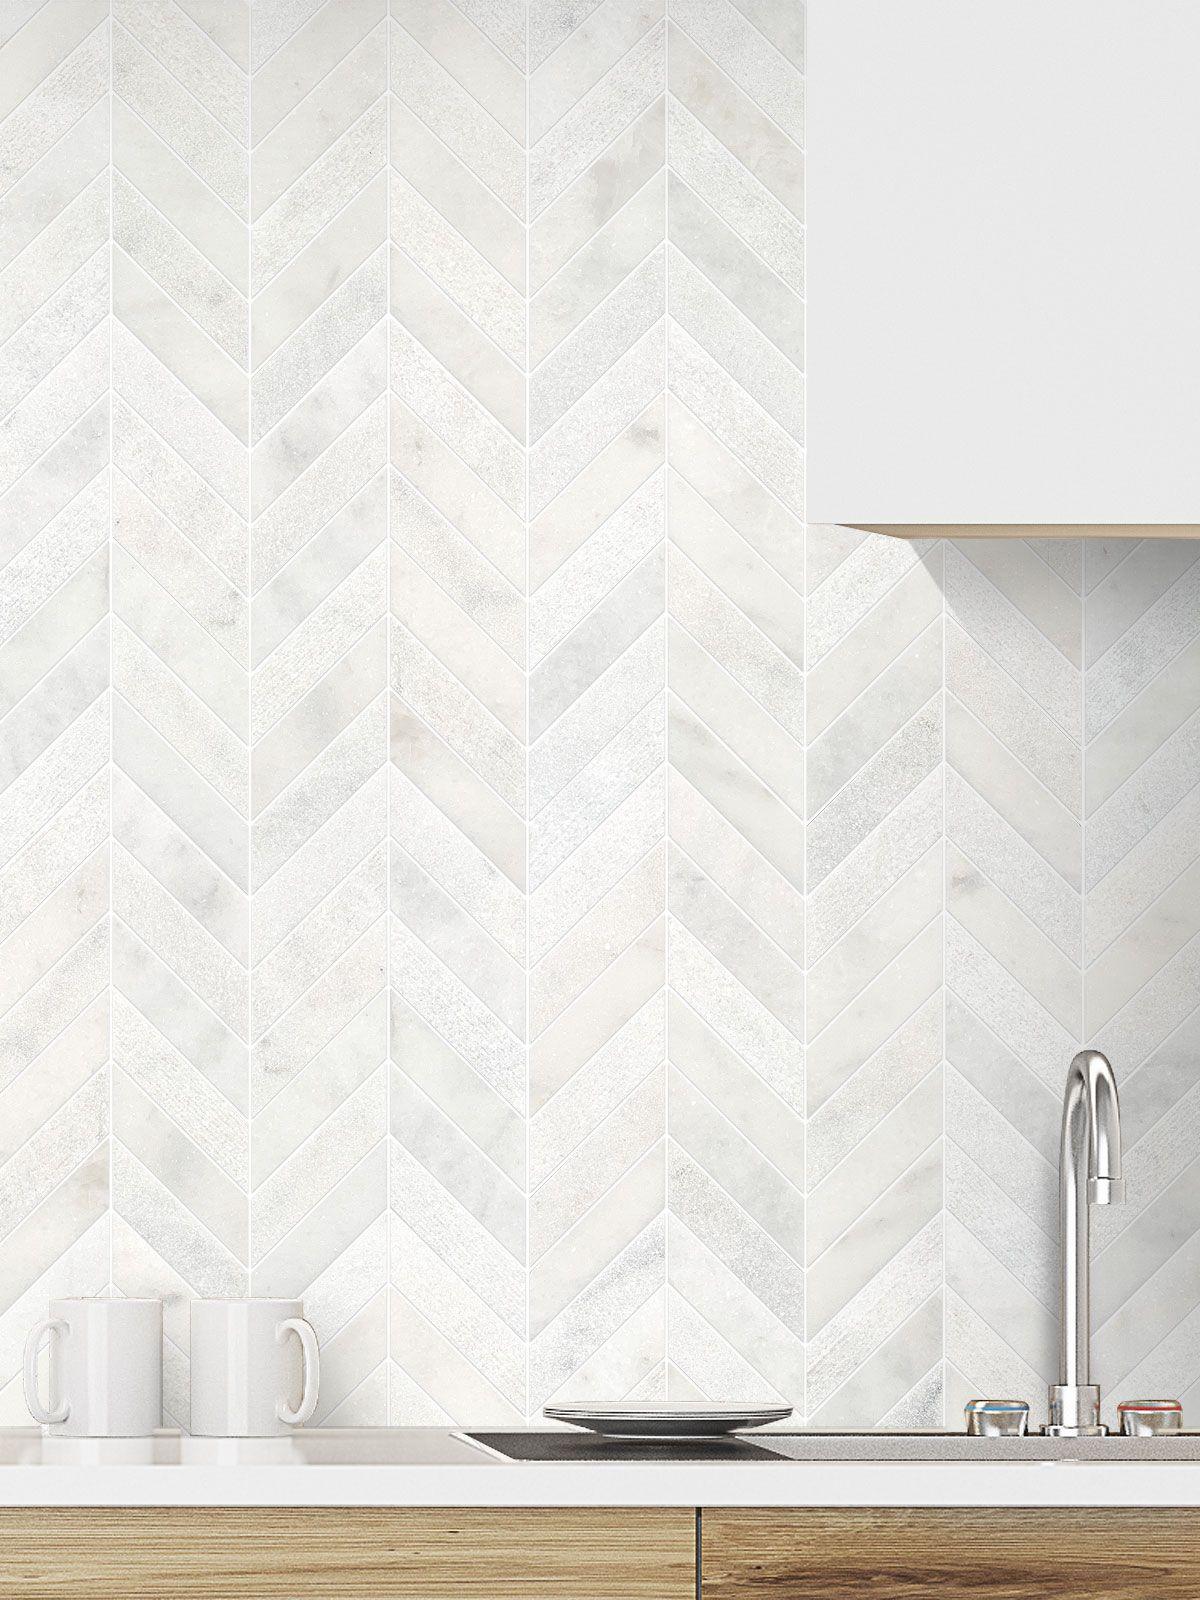 White Modern Marble Chevron Backsplash Tile Backsplash Com Kitchen Backsplash Designs Backsplash Kitchen White Cabinets White Kitchen Backsplash